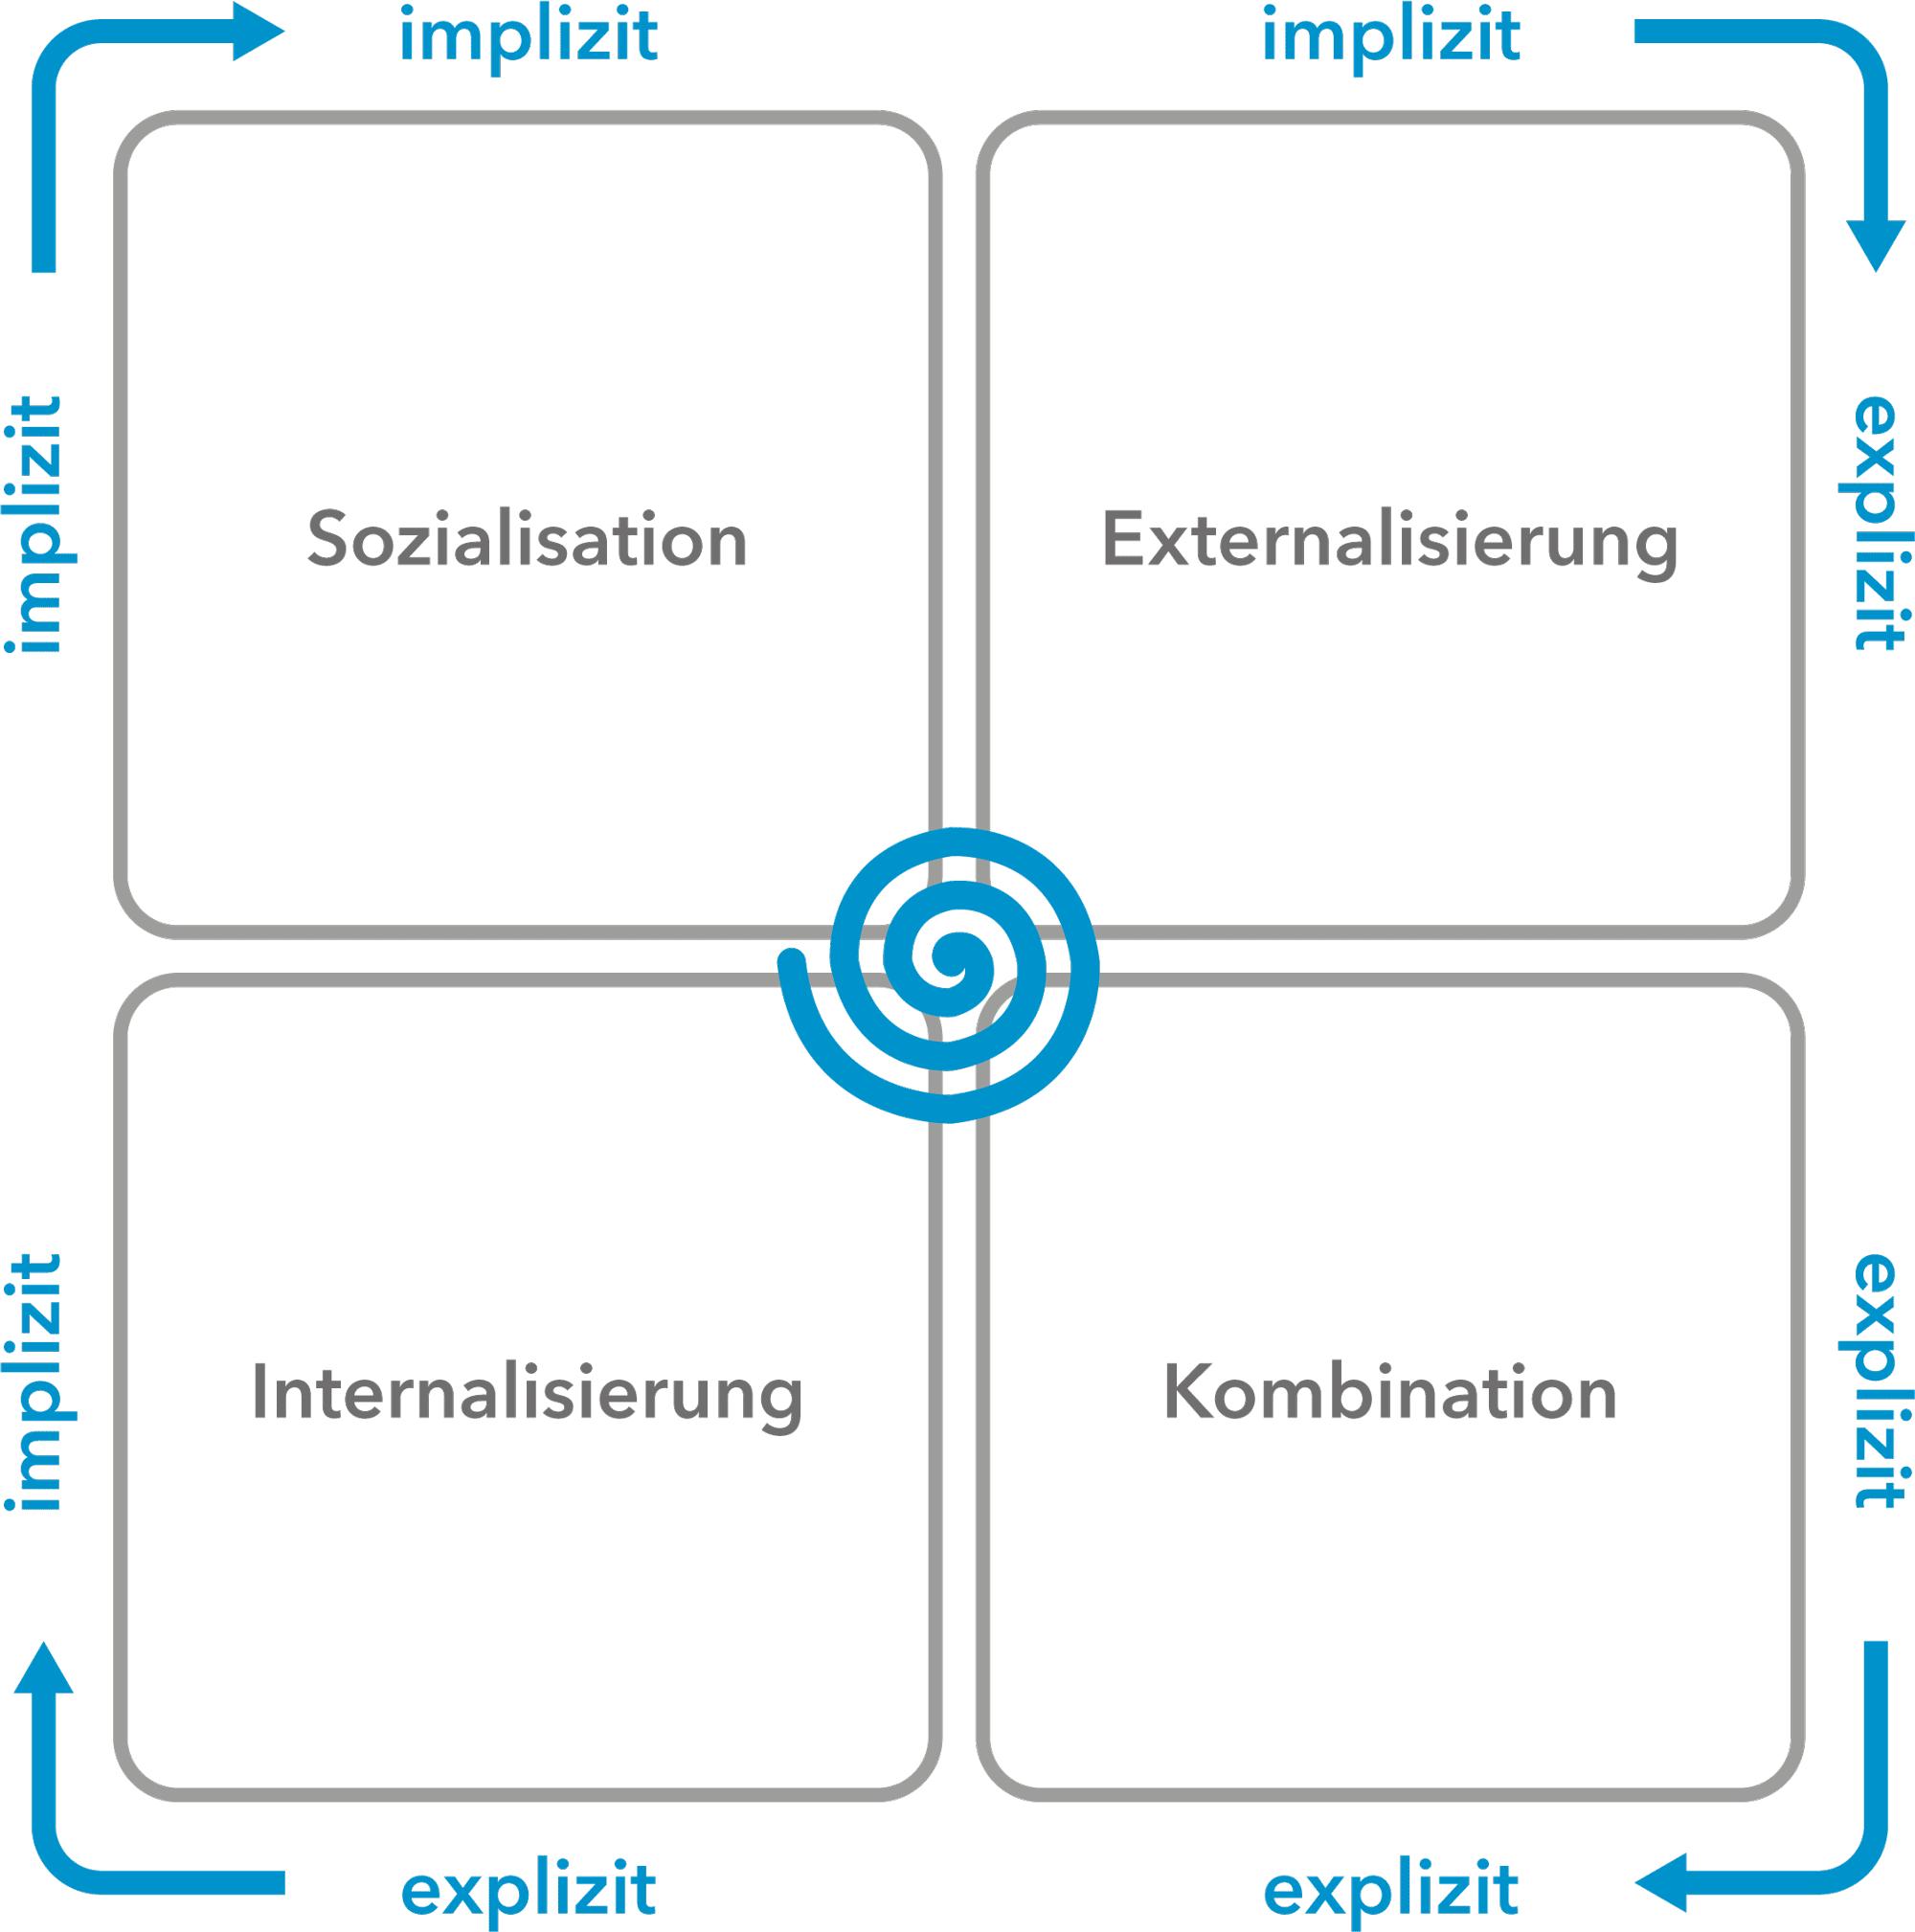 Das SECI-Modell nach Nonaka und Takeuchi